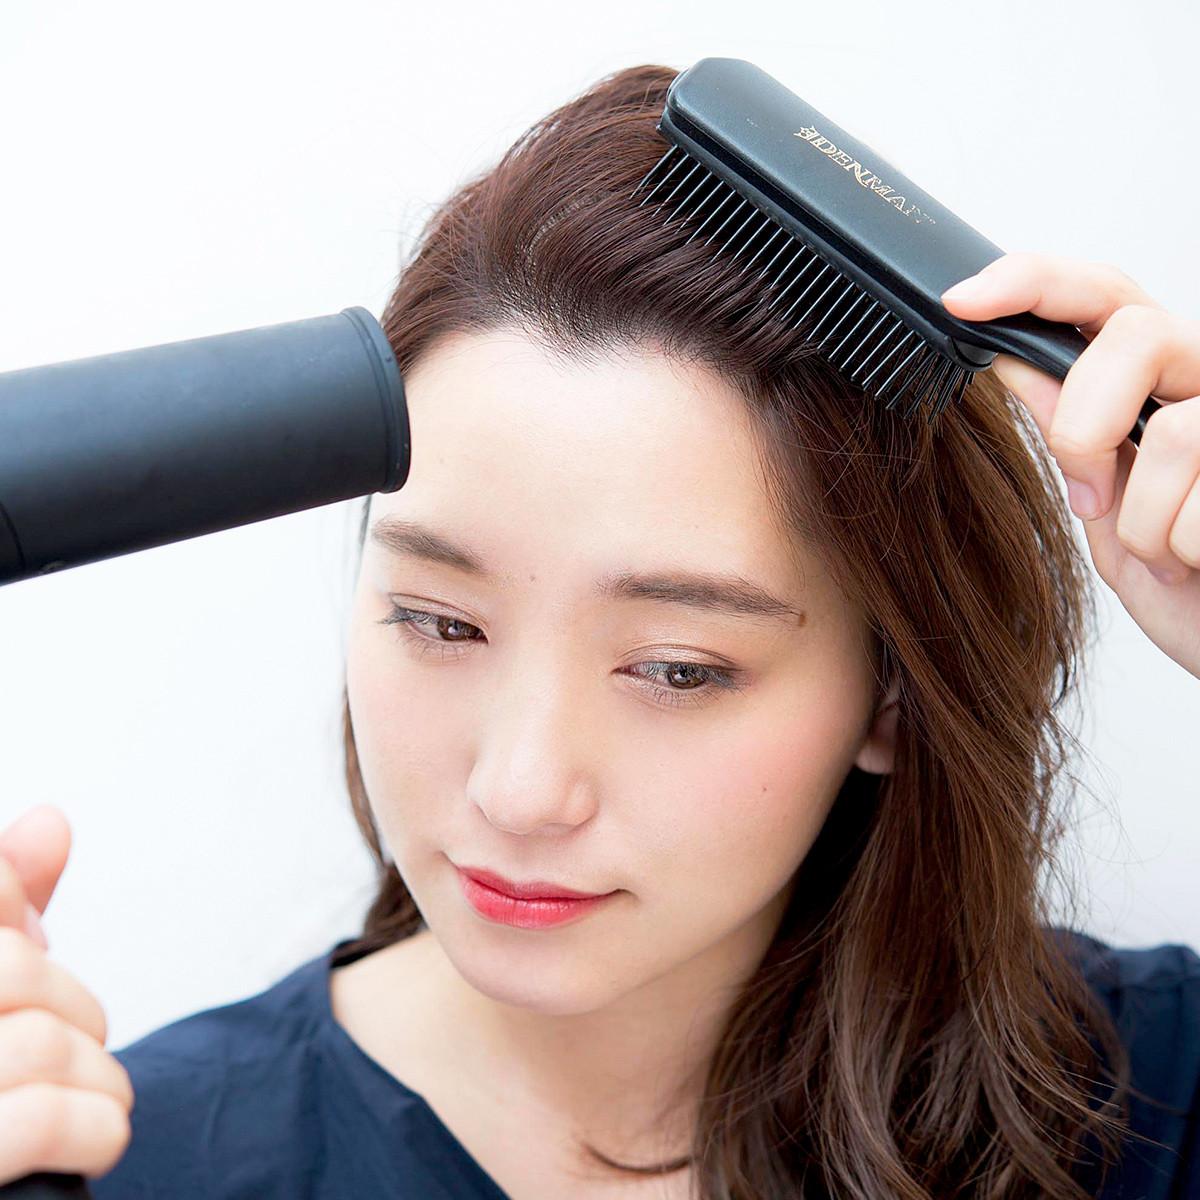 変わりばえしないヘアに飽きたら…前髪だけで印象チェンジ3パターン_1_4